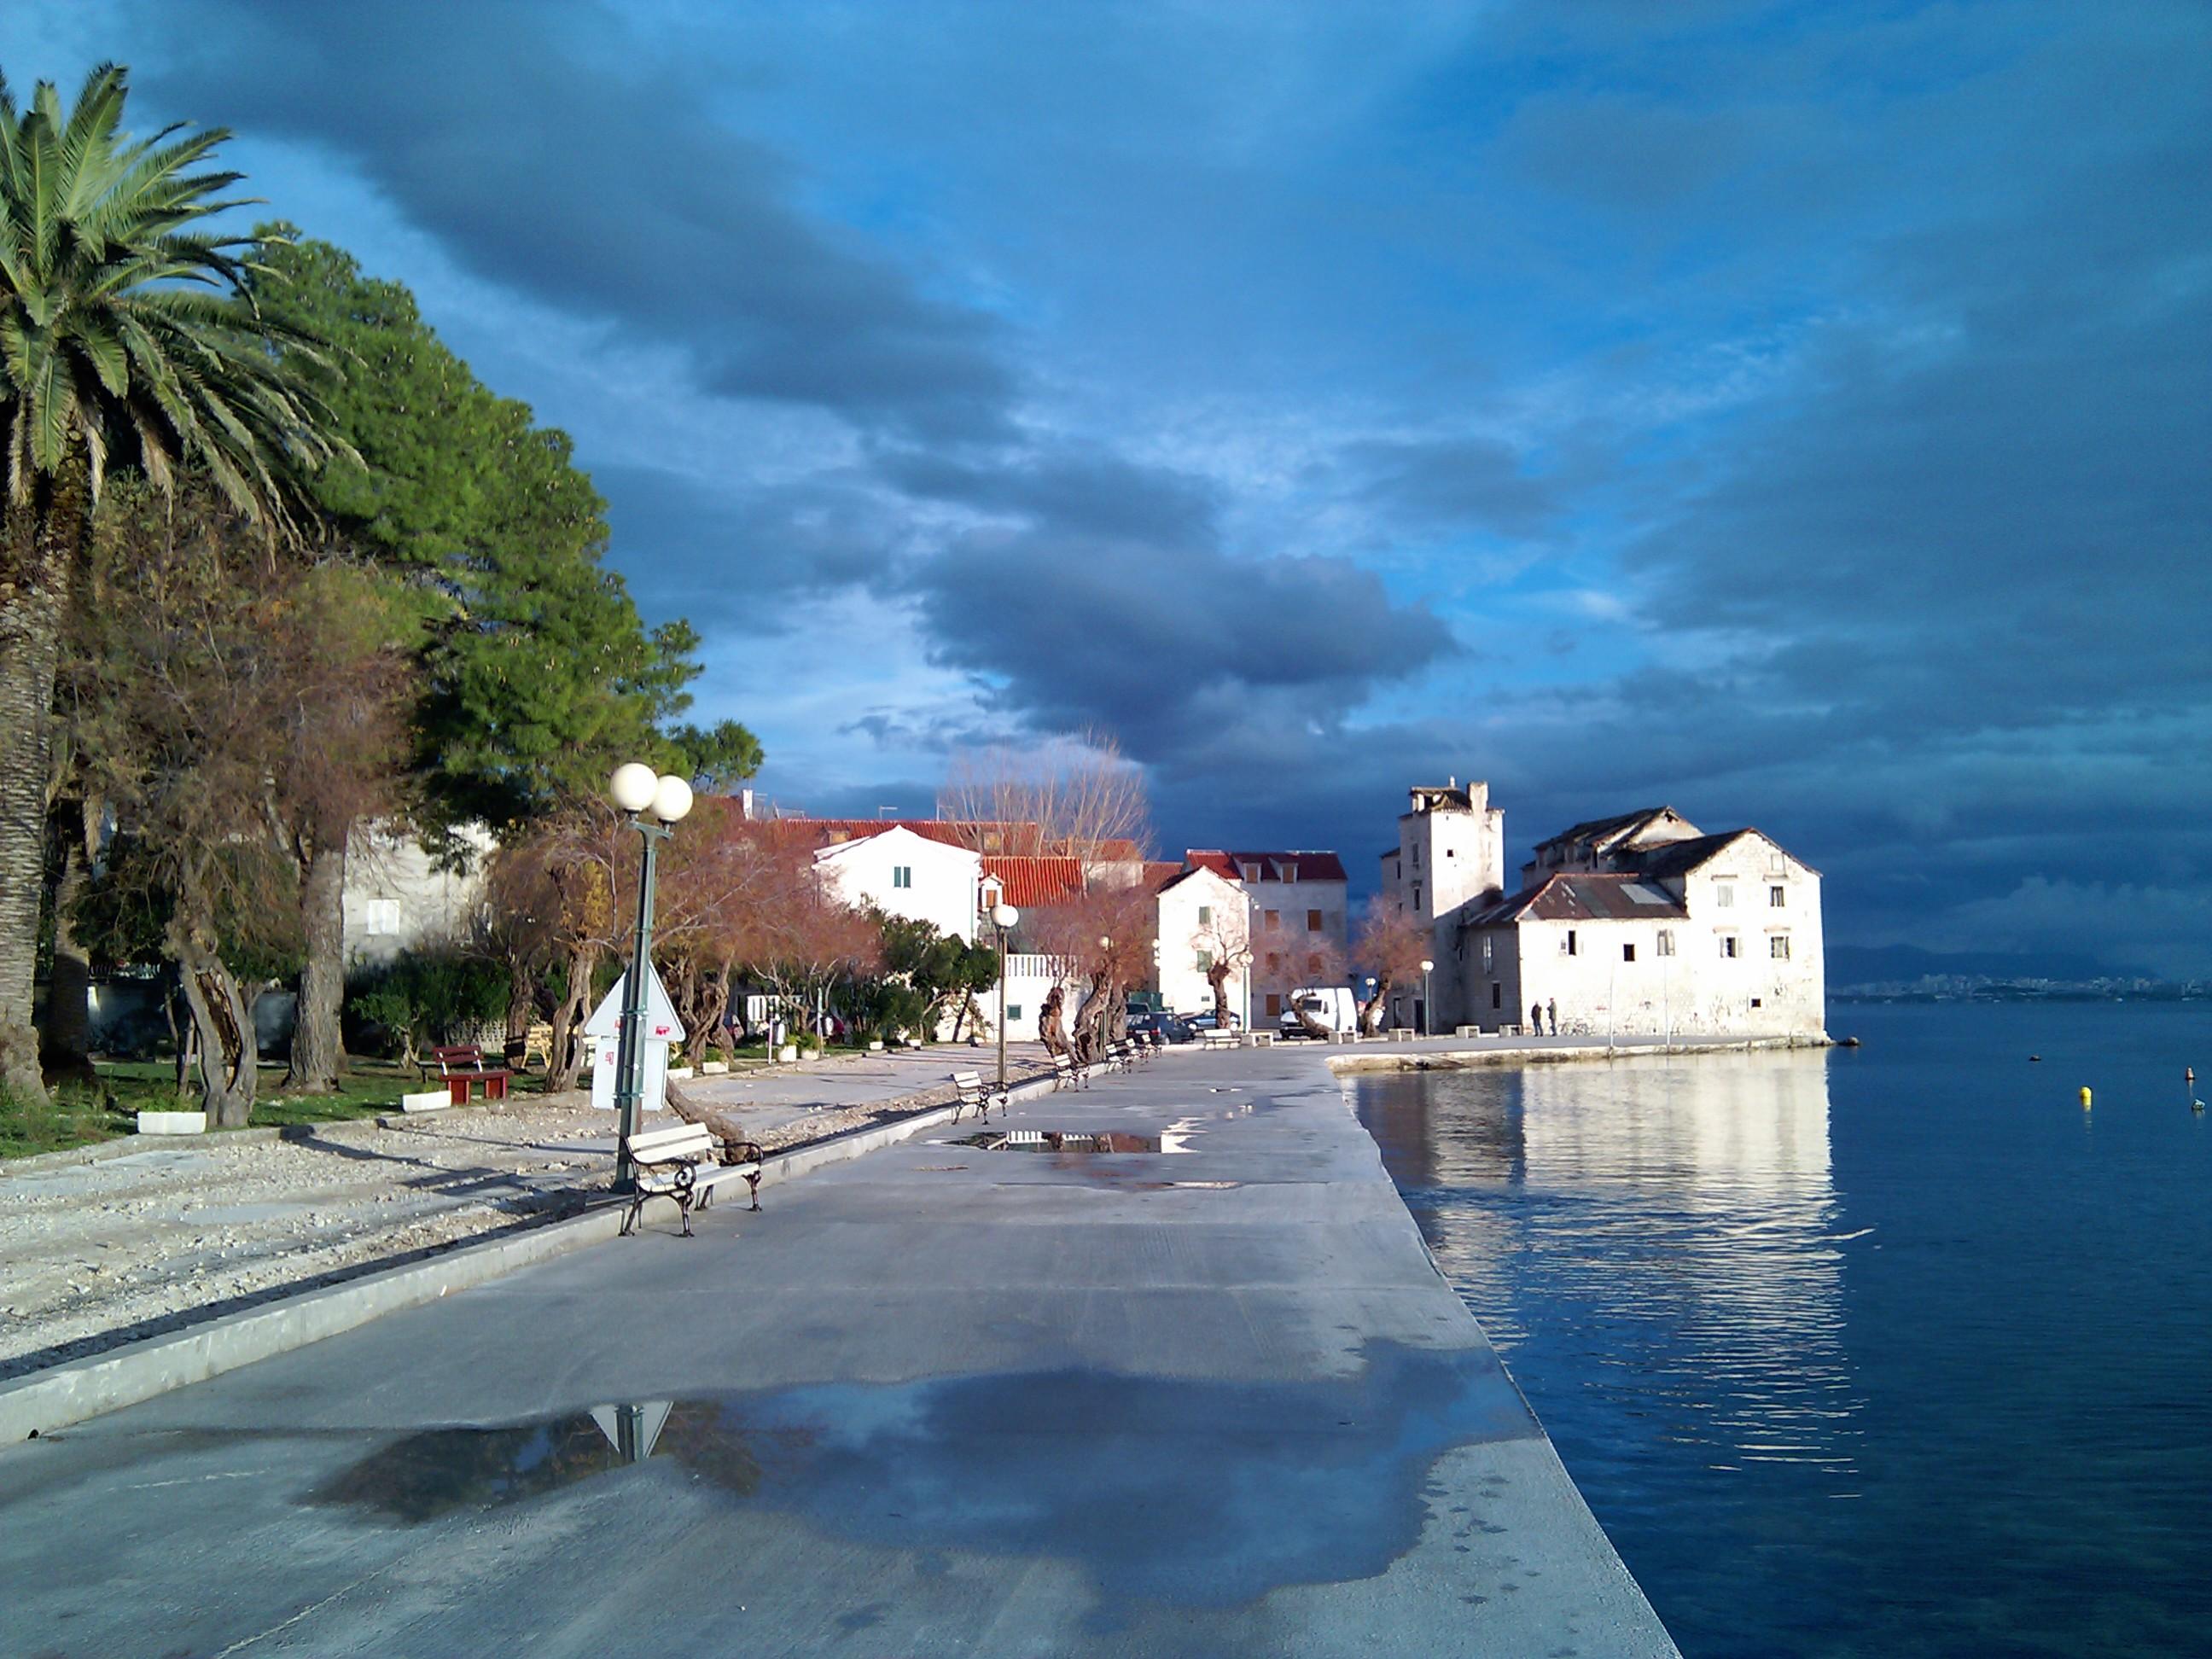 Только ноябрь решительно подталкивает к закрытию пляжного сезона в Хорватии